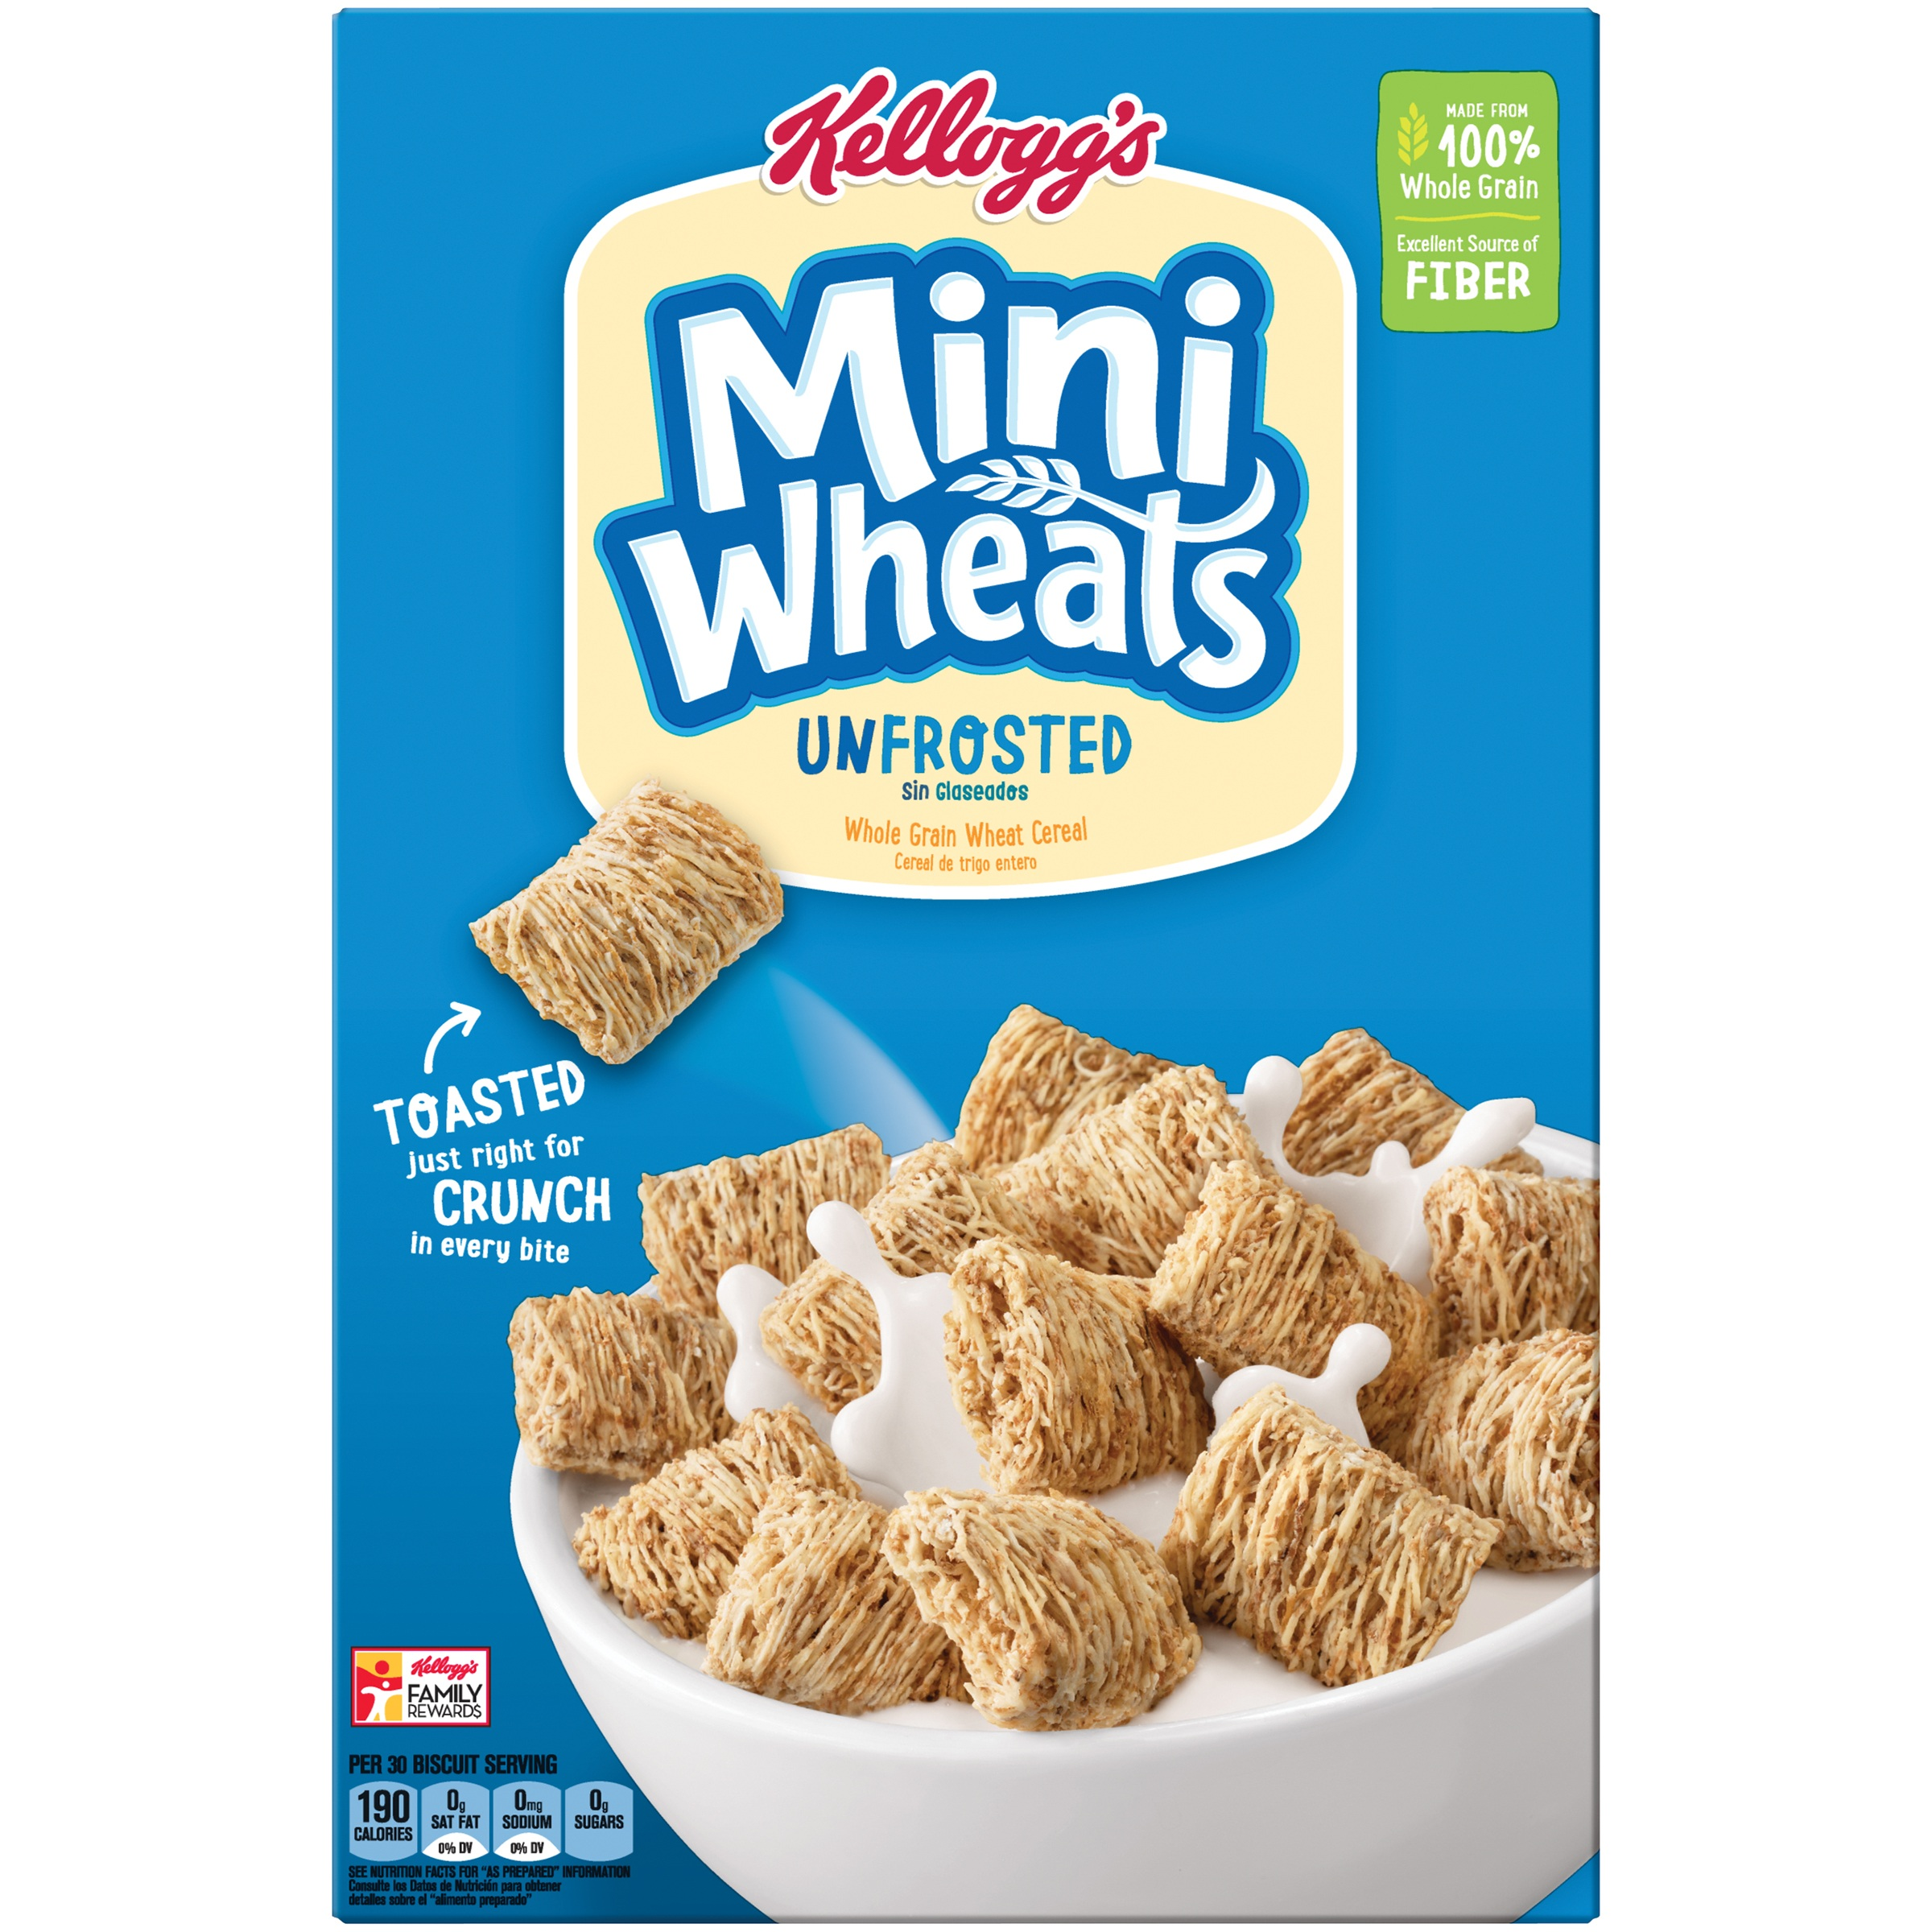 Kellogg's Mini Wheats Breakfast Cereal